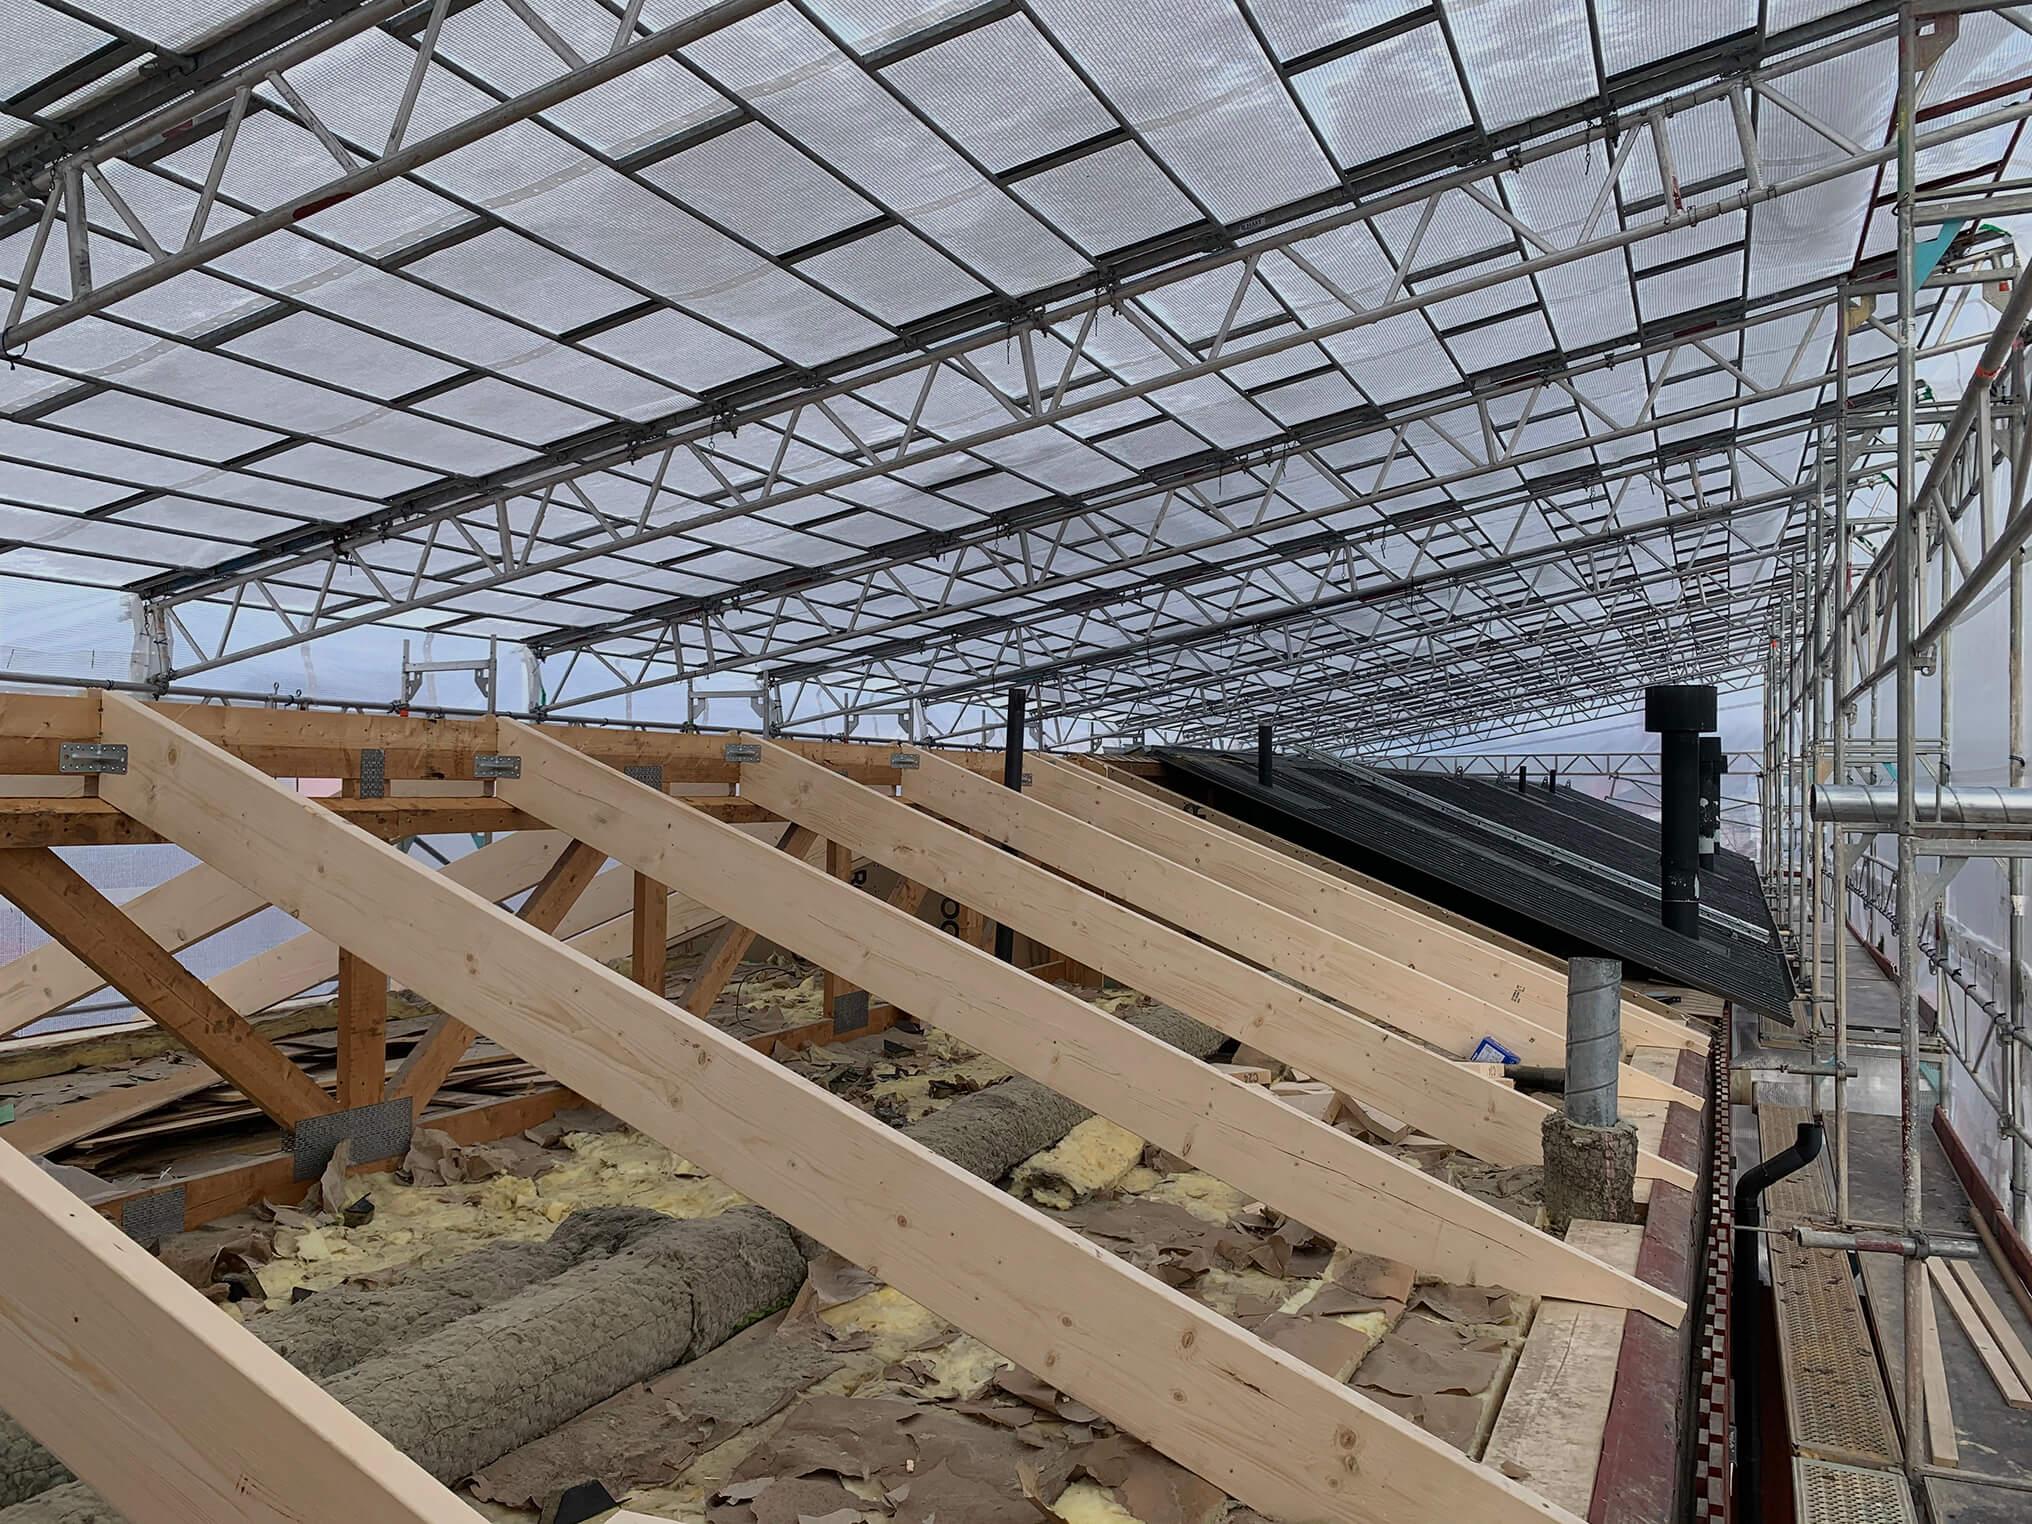 Väderskydd över tak på parhus där man byter takstolar och plåt